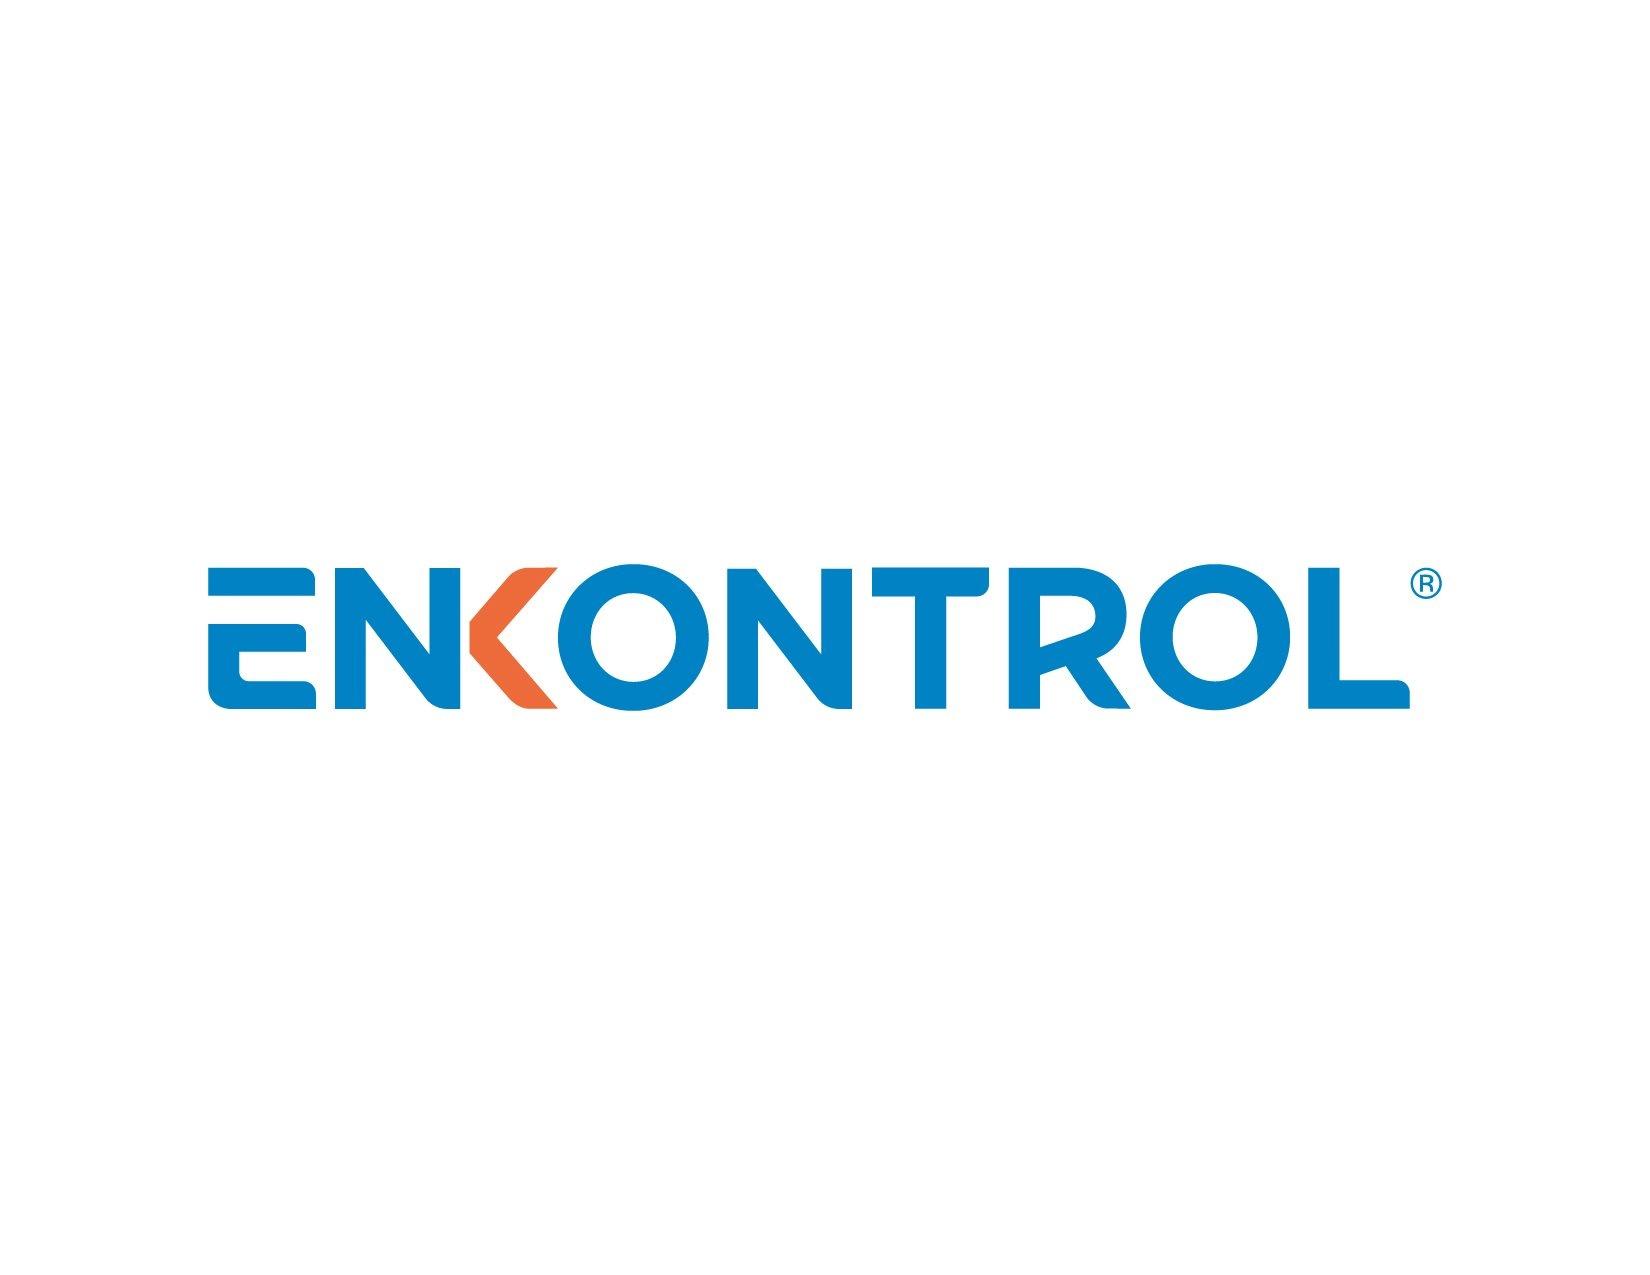 enkontrol - clientes grou